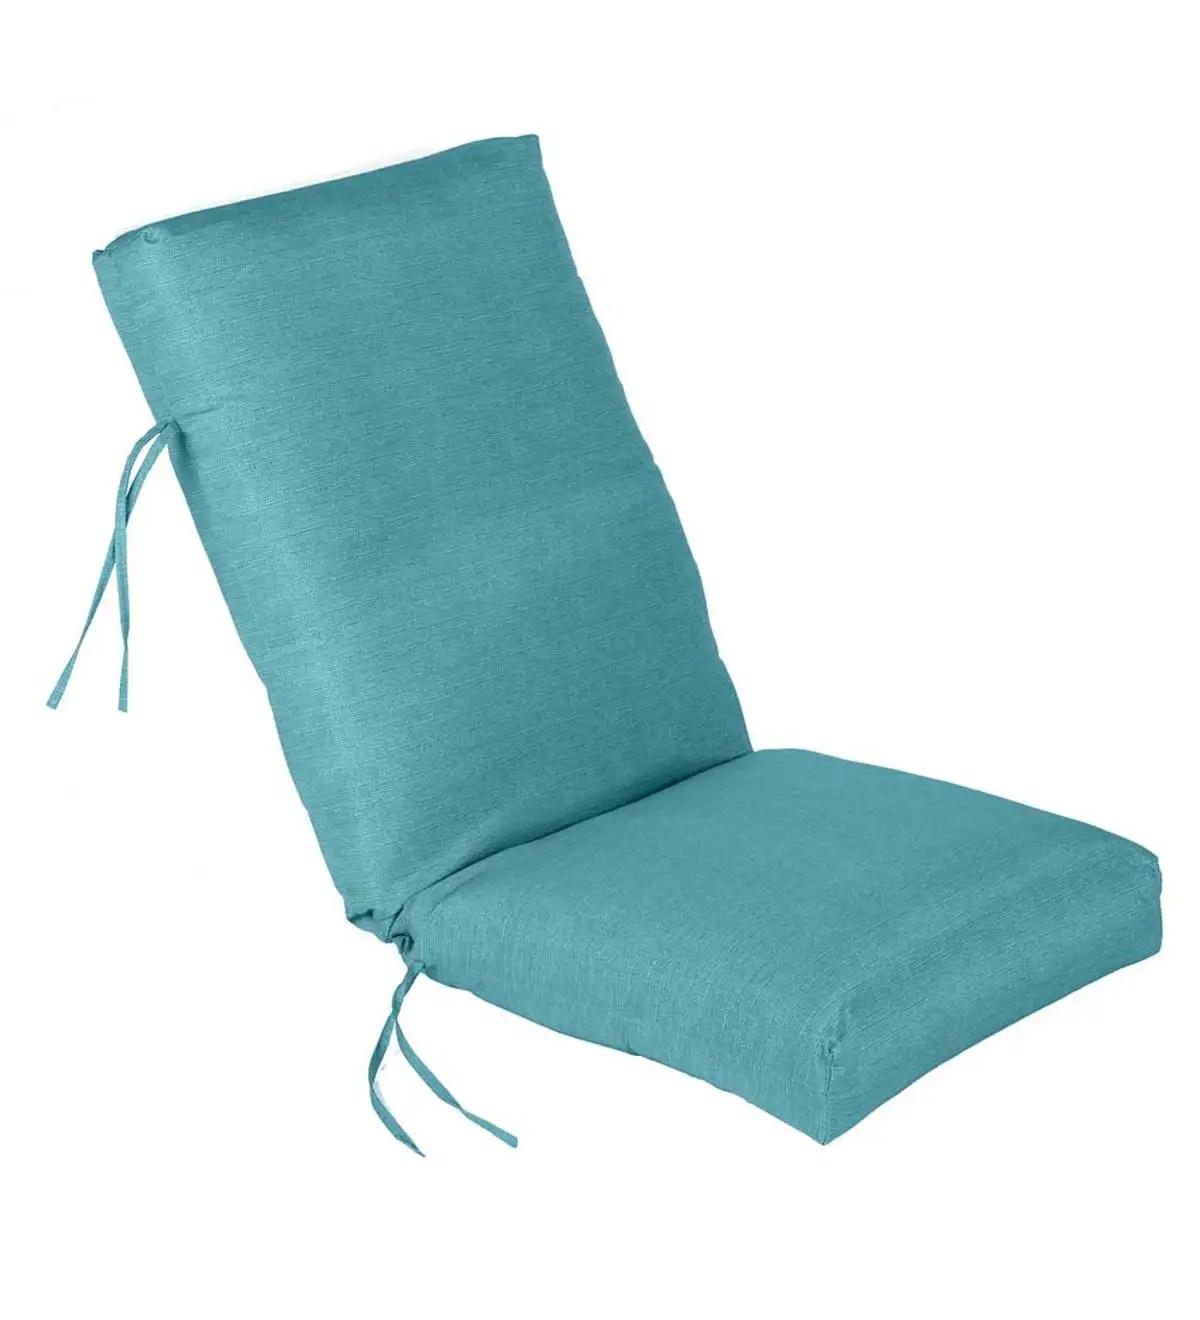 high back lawn chair cushions staples mat shenandoah outdoor cushion plowhearth